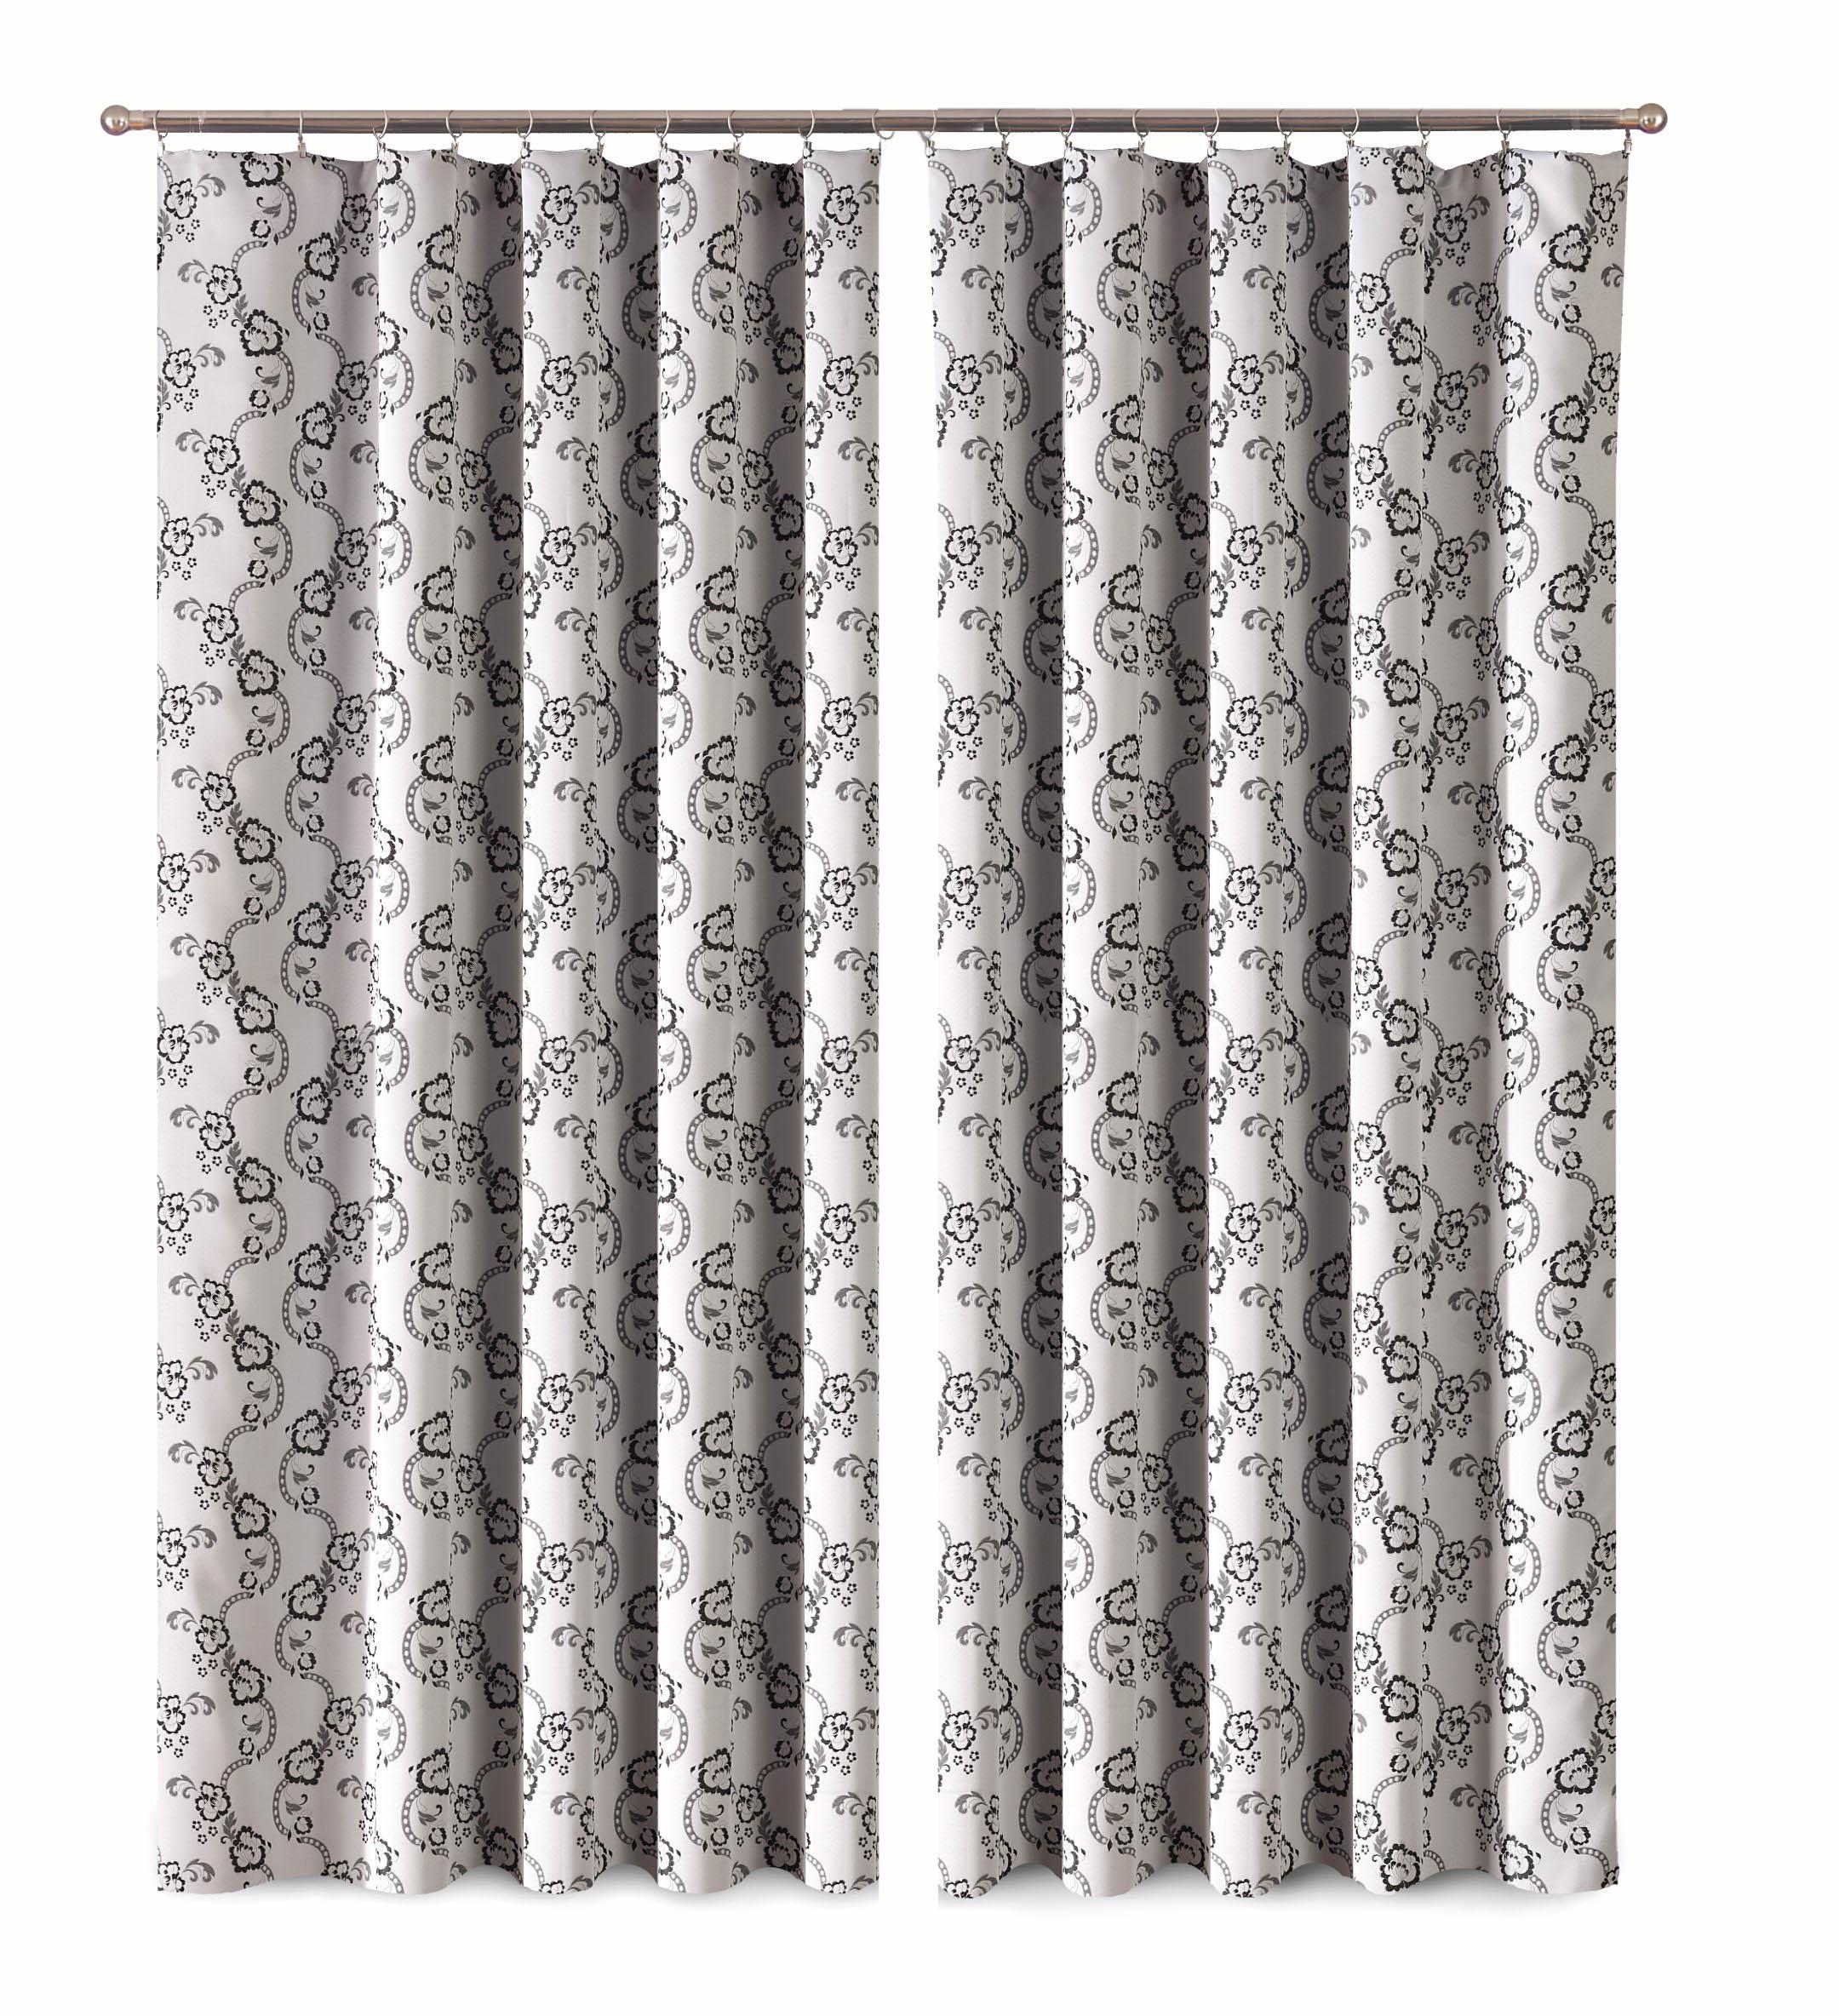 Шторы Primavera Классические шторы Zechariah Цвет: Серый шторы primavera классические шторы tilly цвет серый